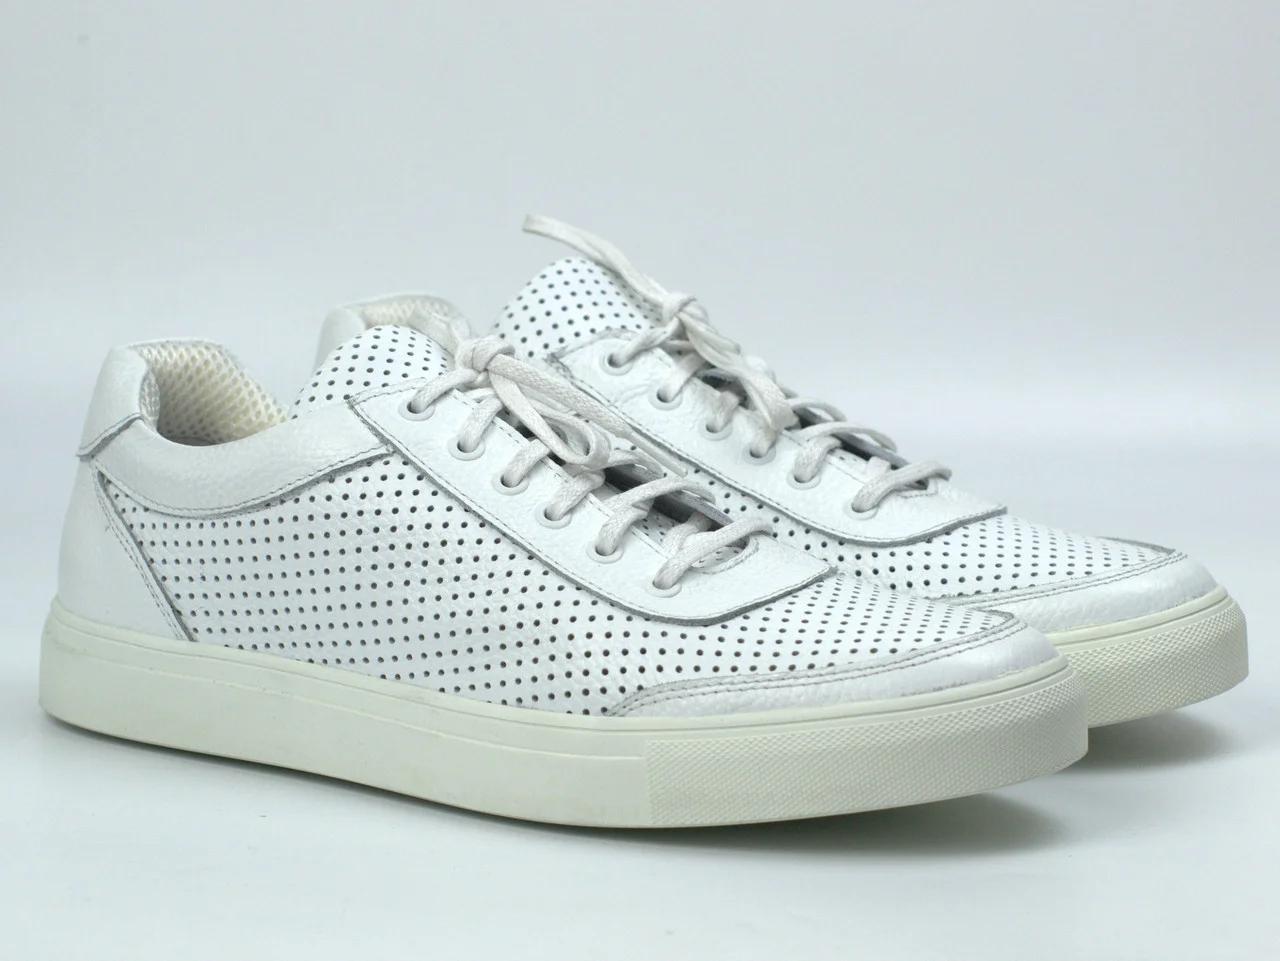 Мужские летние кроссовки белые кожаные кеды обувь больших размеров Rosso Avangard Ada White PerfLeath TPR BS Подробнее: